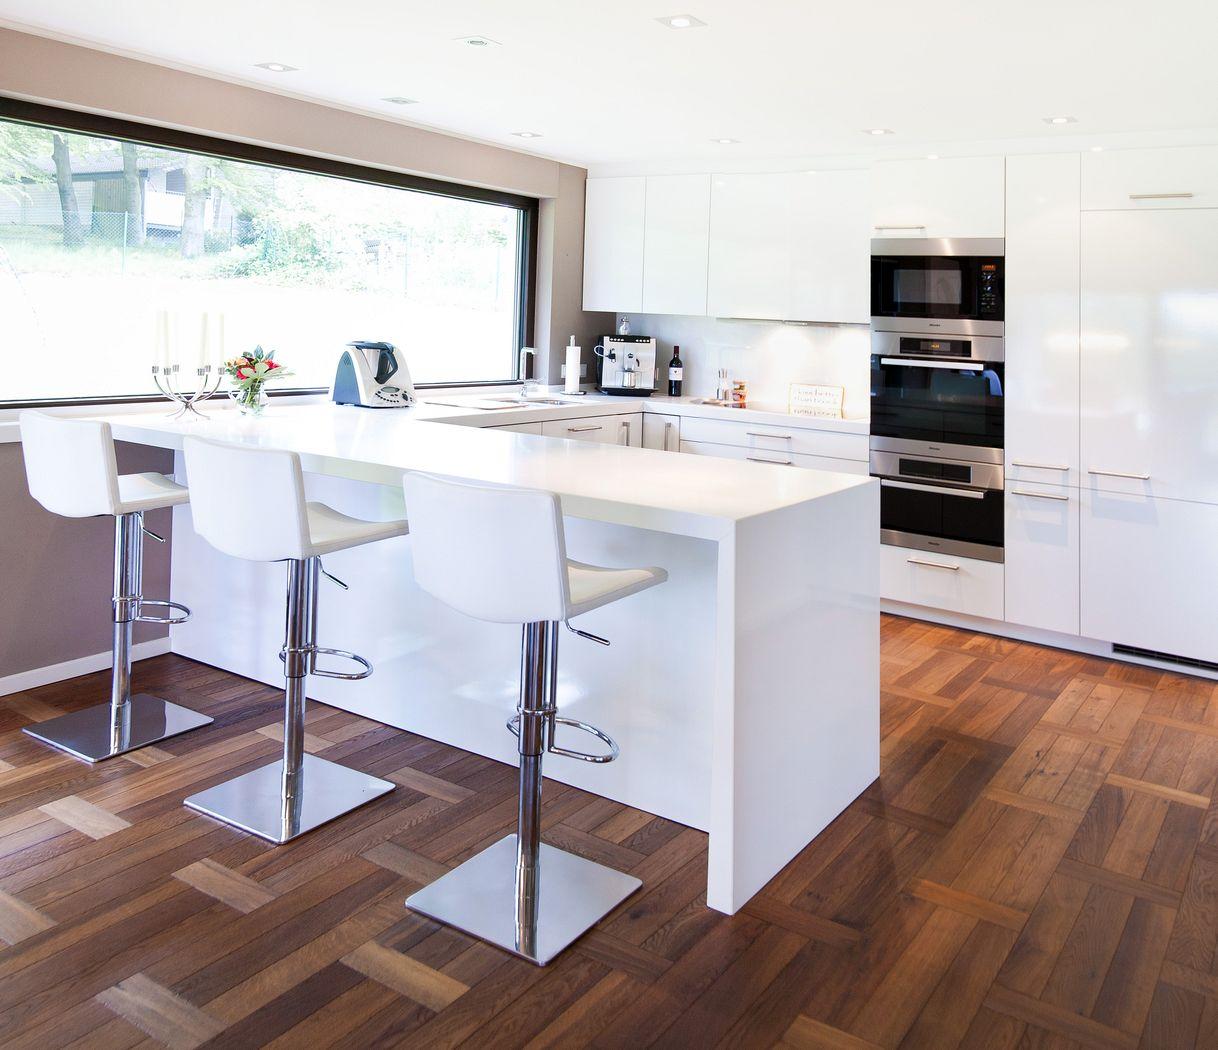 moderne hochglanz k che in wei mit miele ger ten k chenhaus. Black Bedroom Furniture Sets. Home Design Ideas